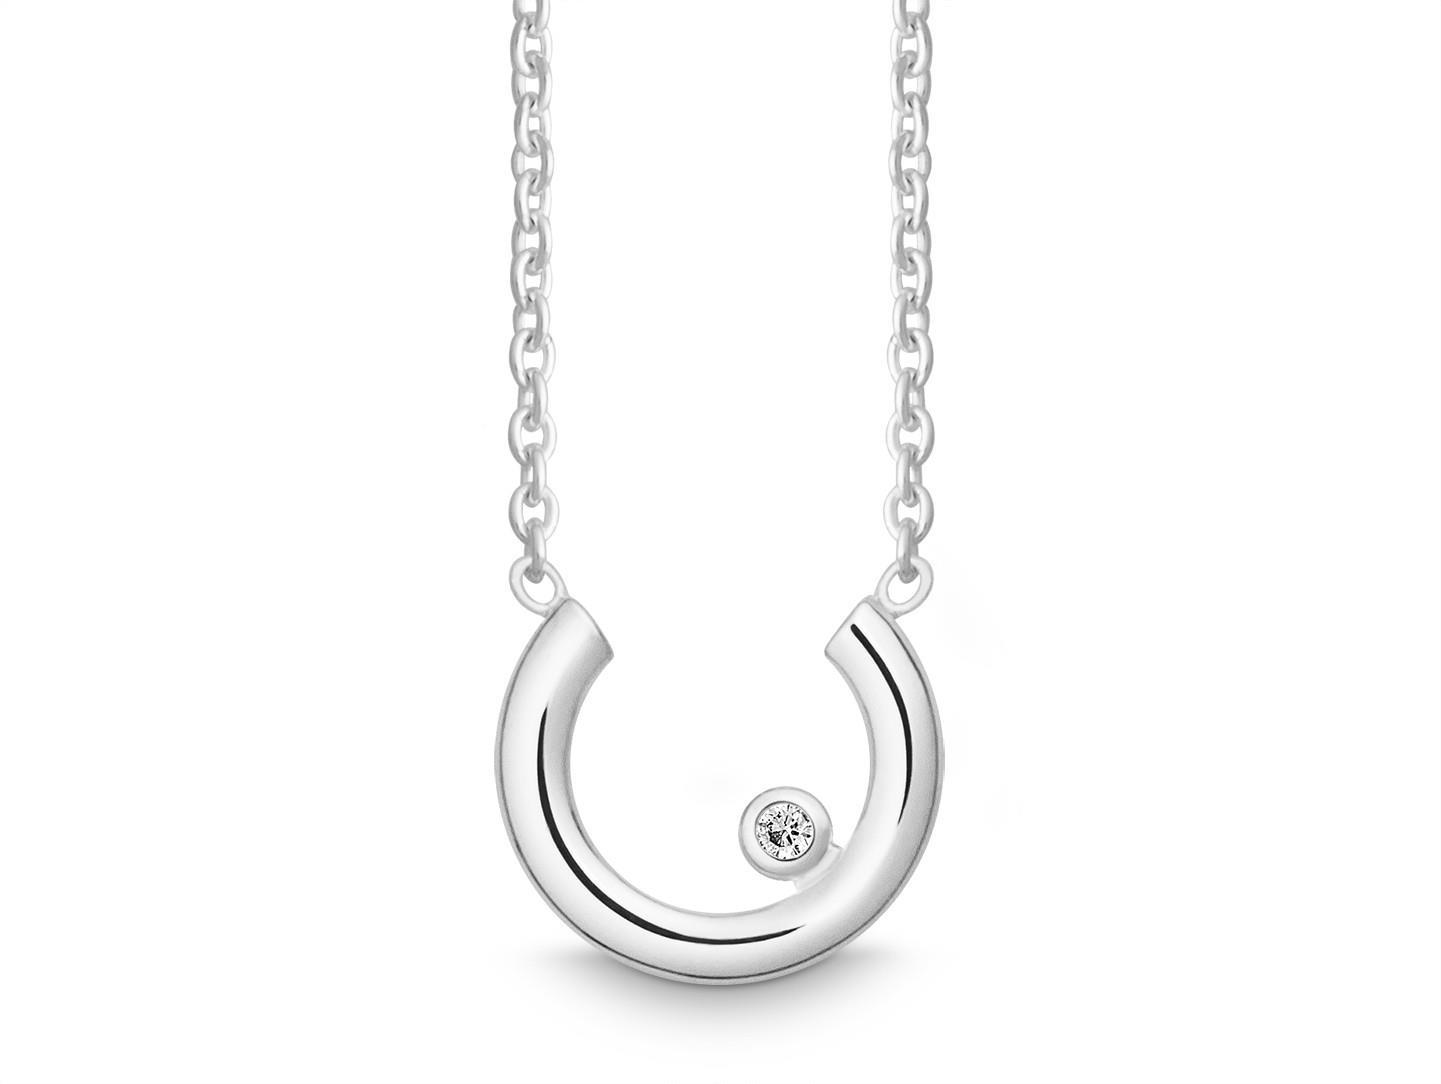 Halskette mit Brillant 925 Silber